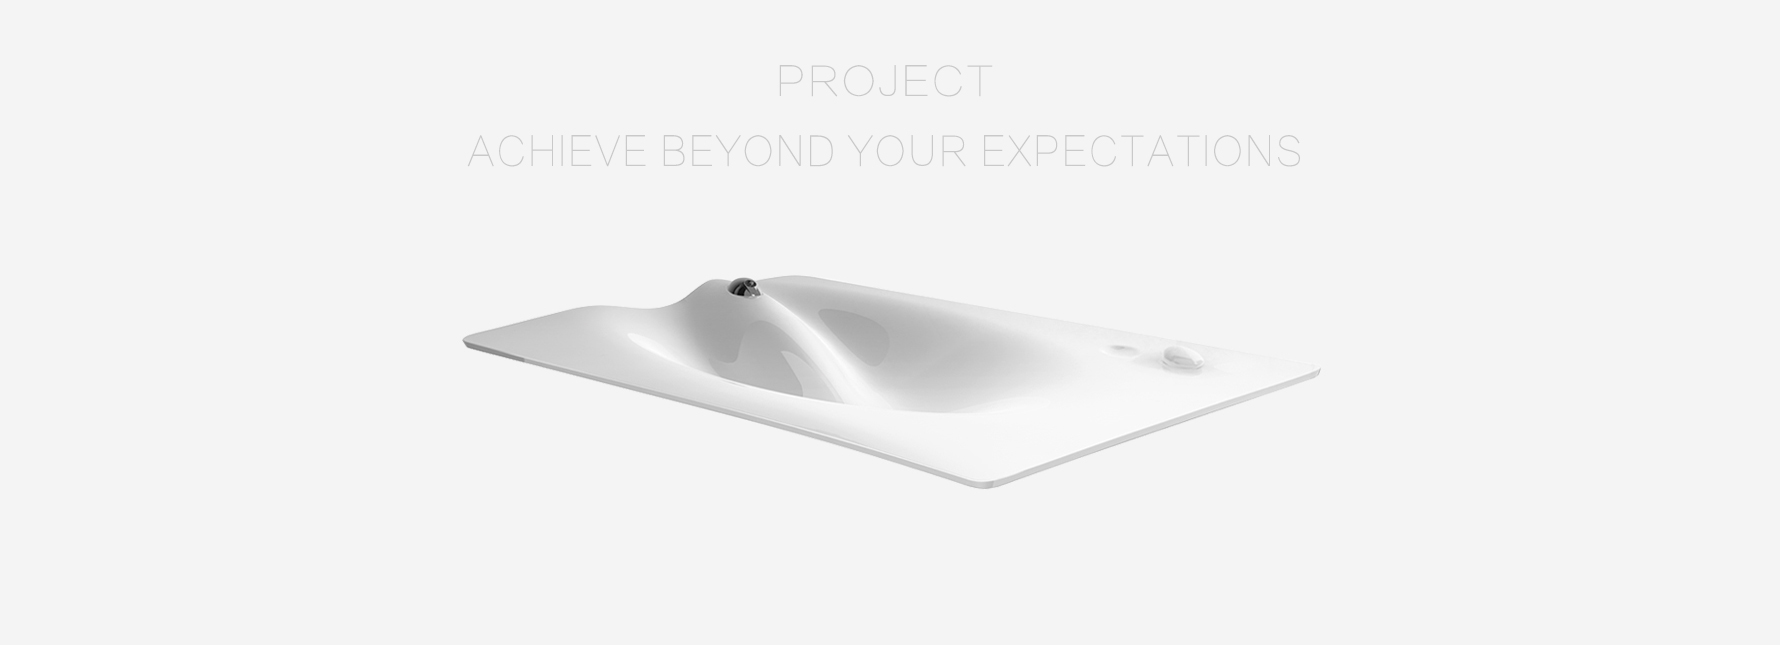 漳州外觀設計公司-想找可信賴的廈門產品工業設計-就來一未設計